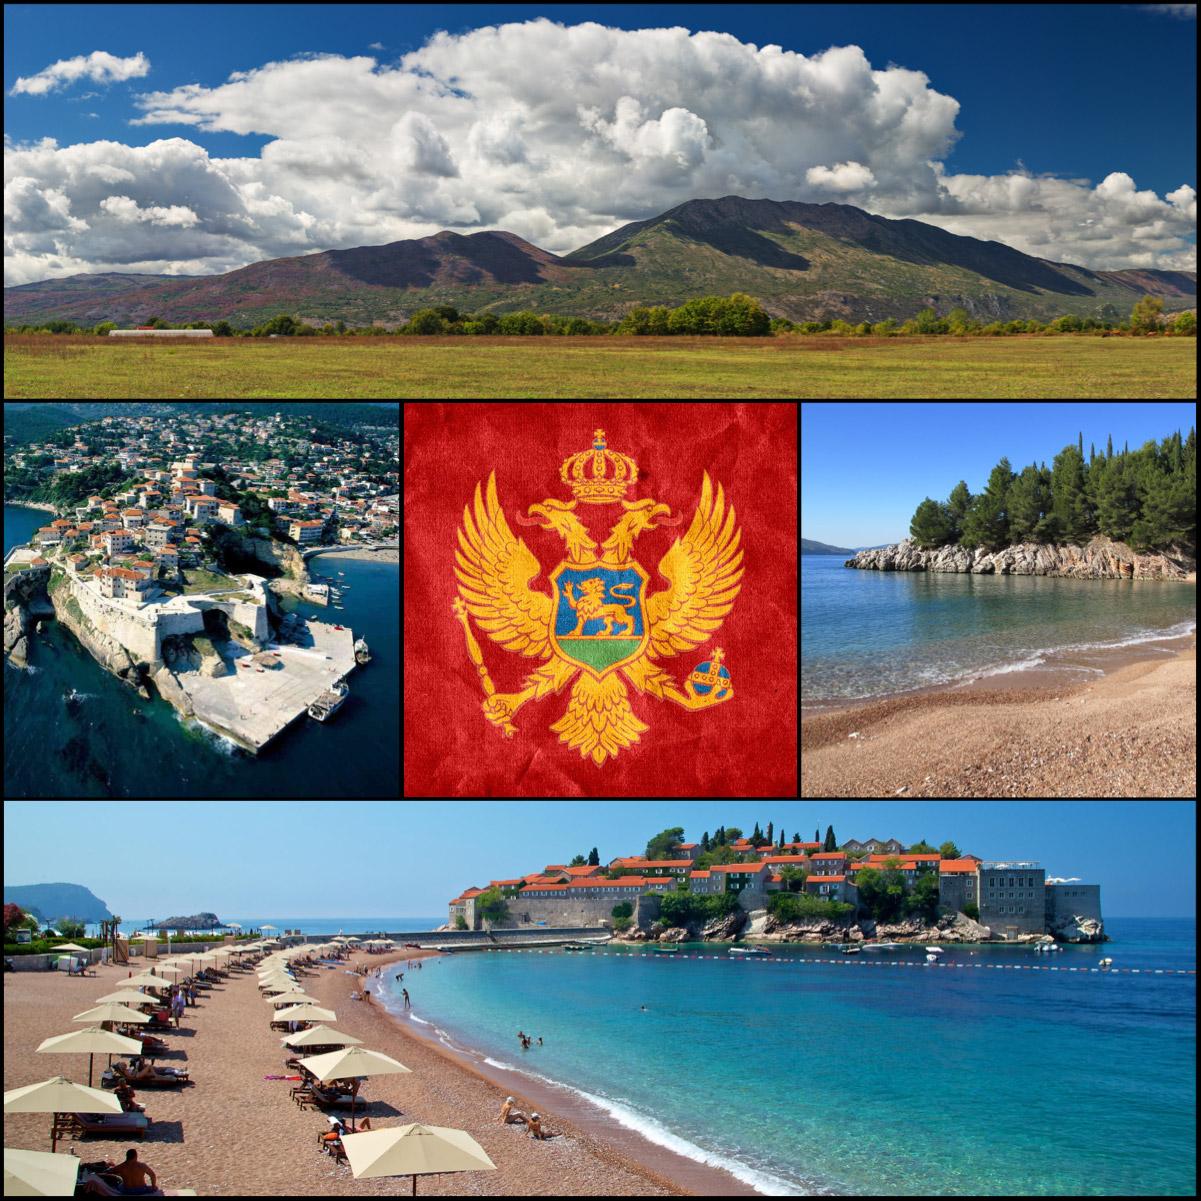 Černá Hora nabízí velké množství zajímavých letovisek. Je letecky vzhledem k délce letu nejdostupnější destinací.